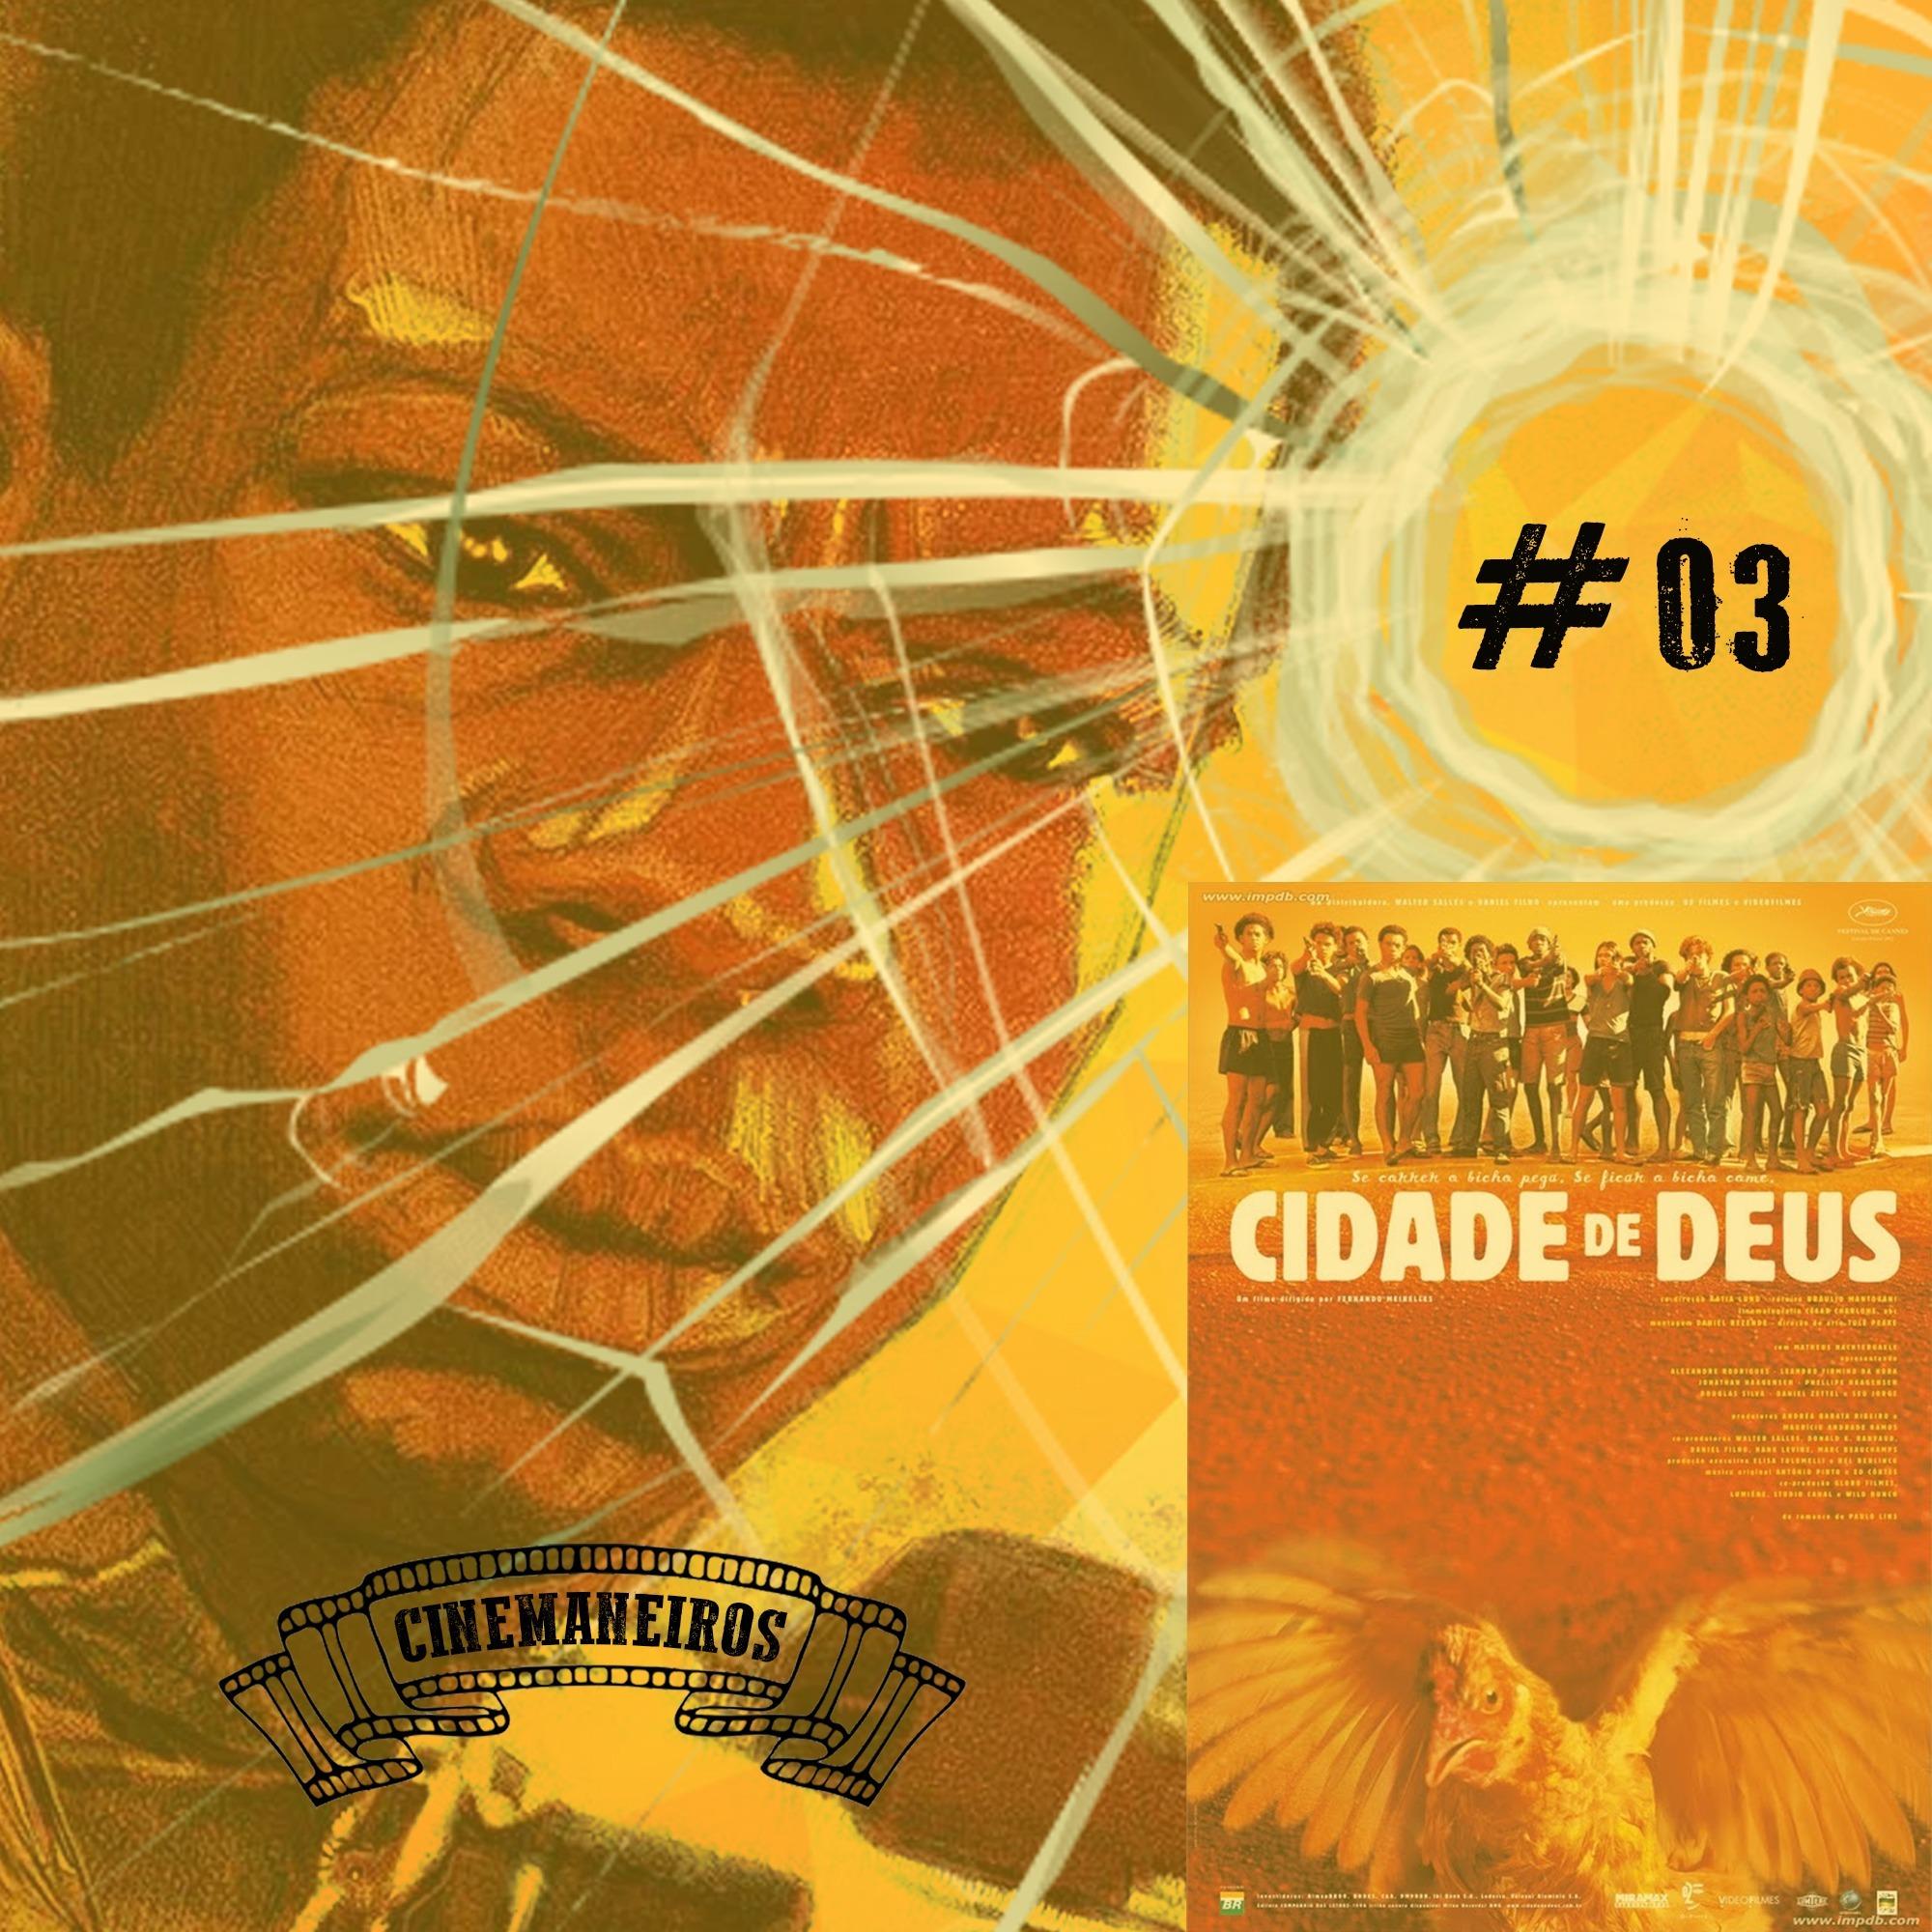 Cinemaneiros #03 Cidade de Deus